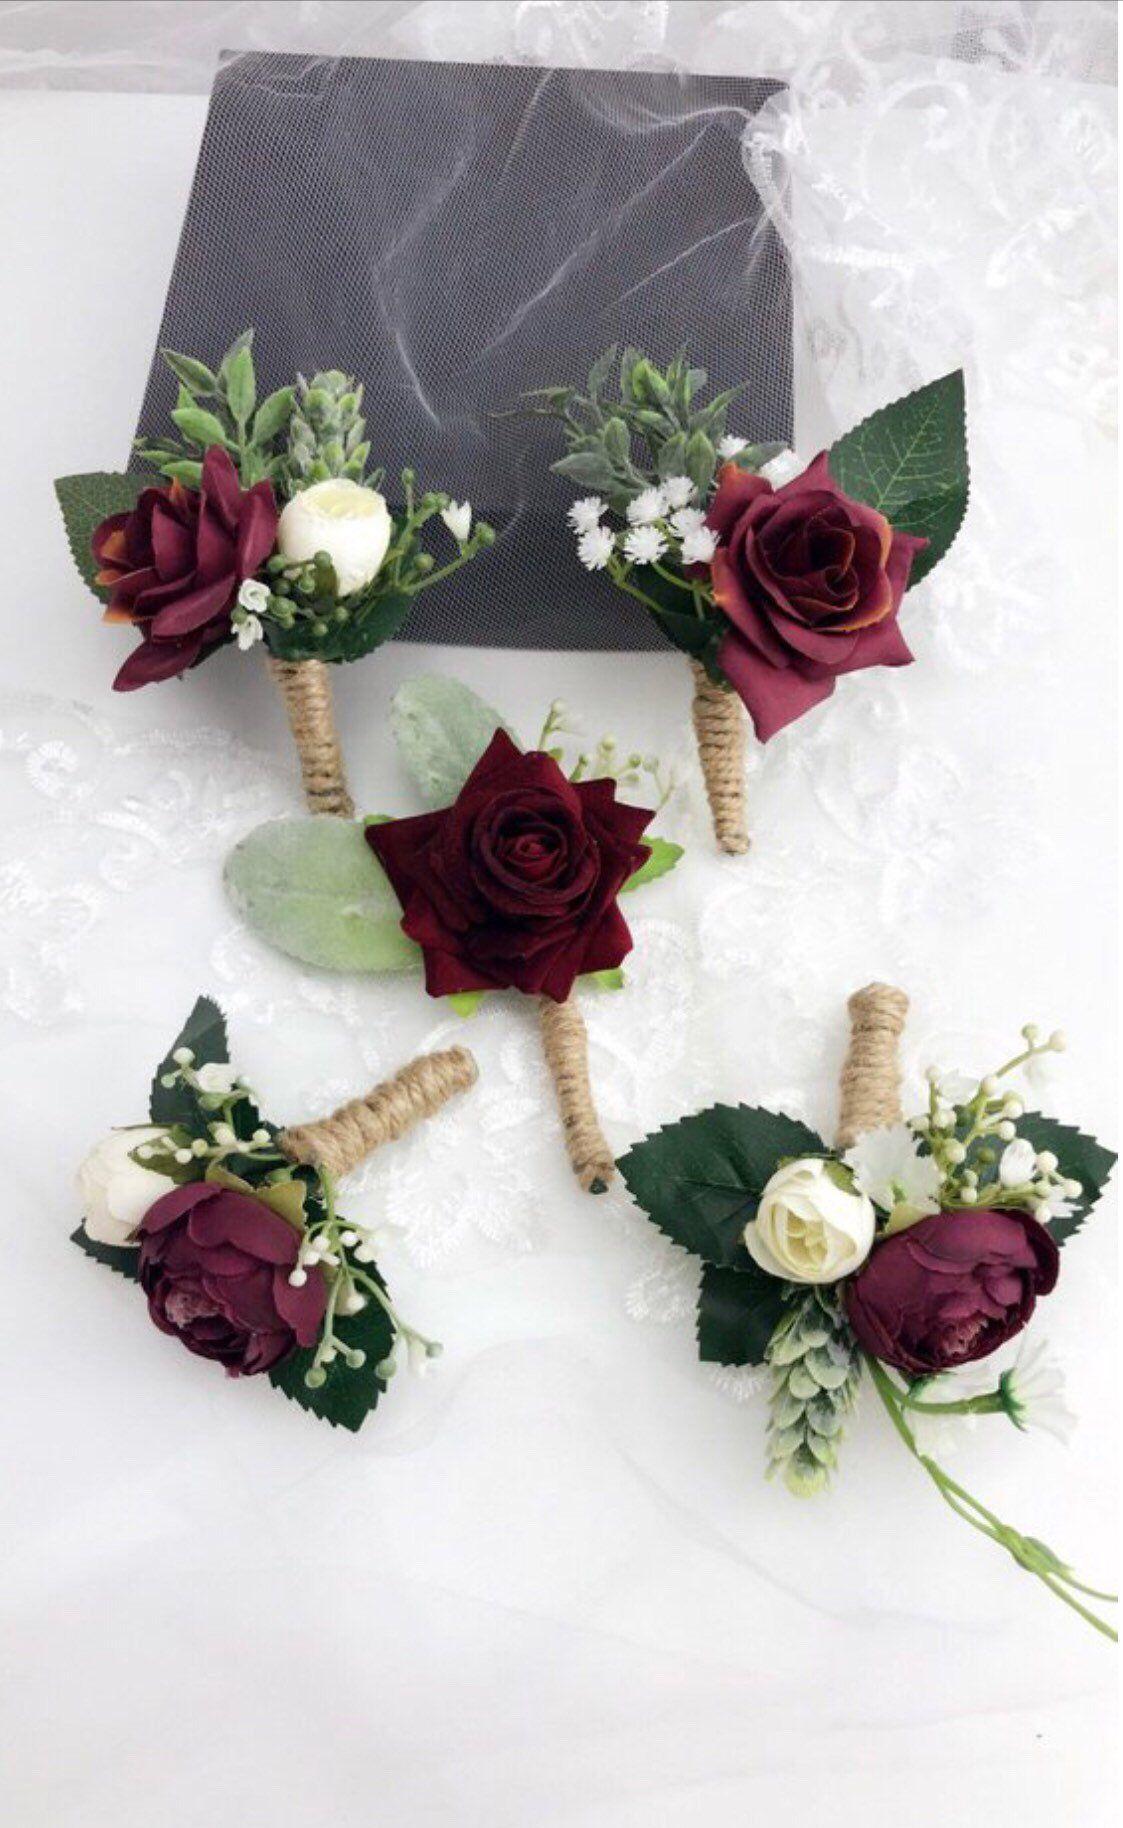 – Wedding ideas